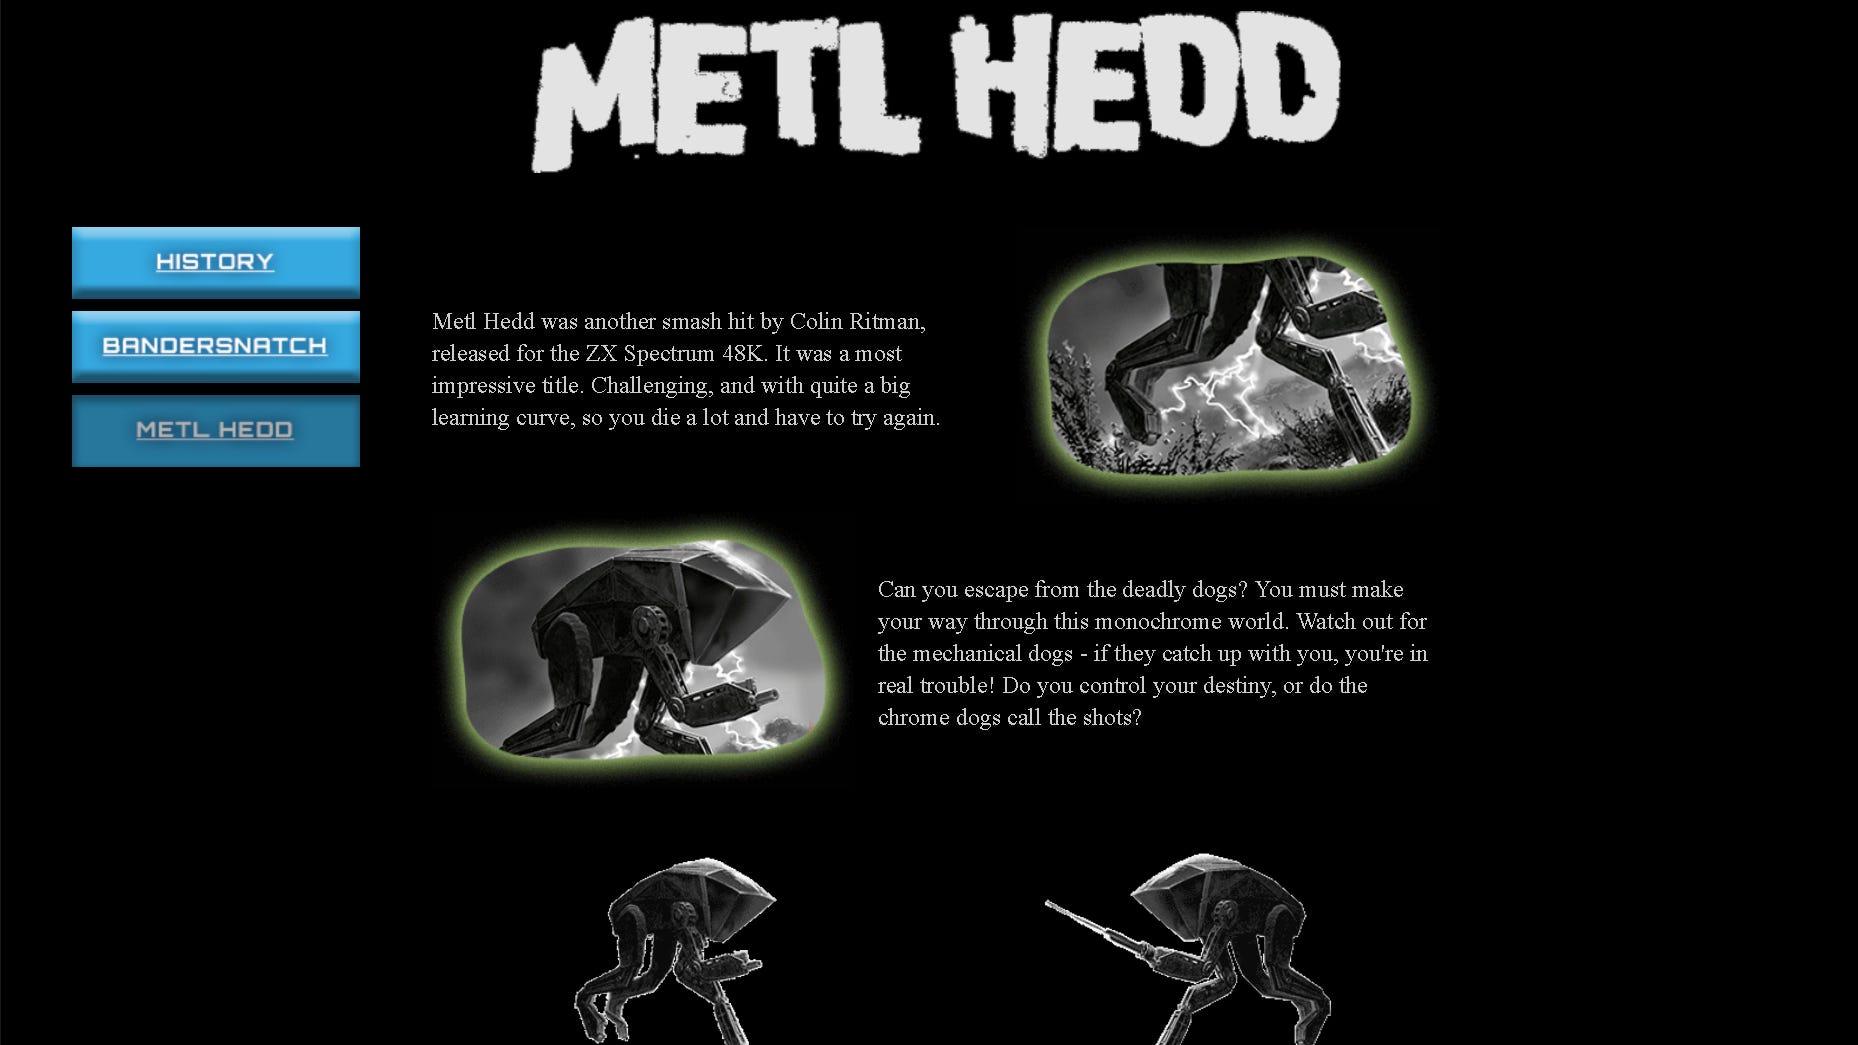 metl-heddweb-page.png